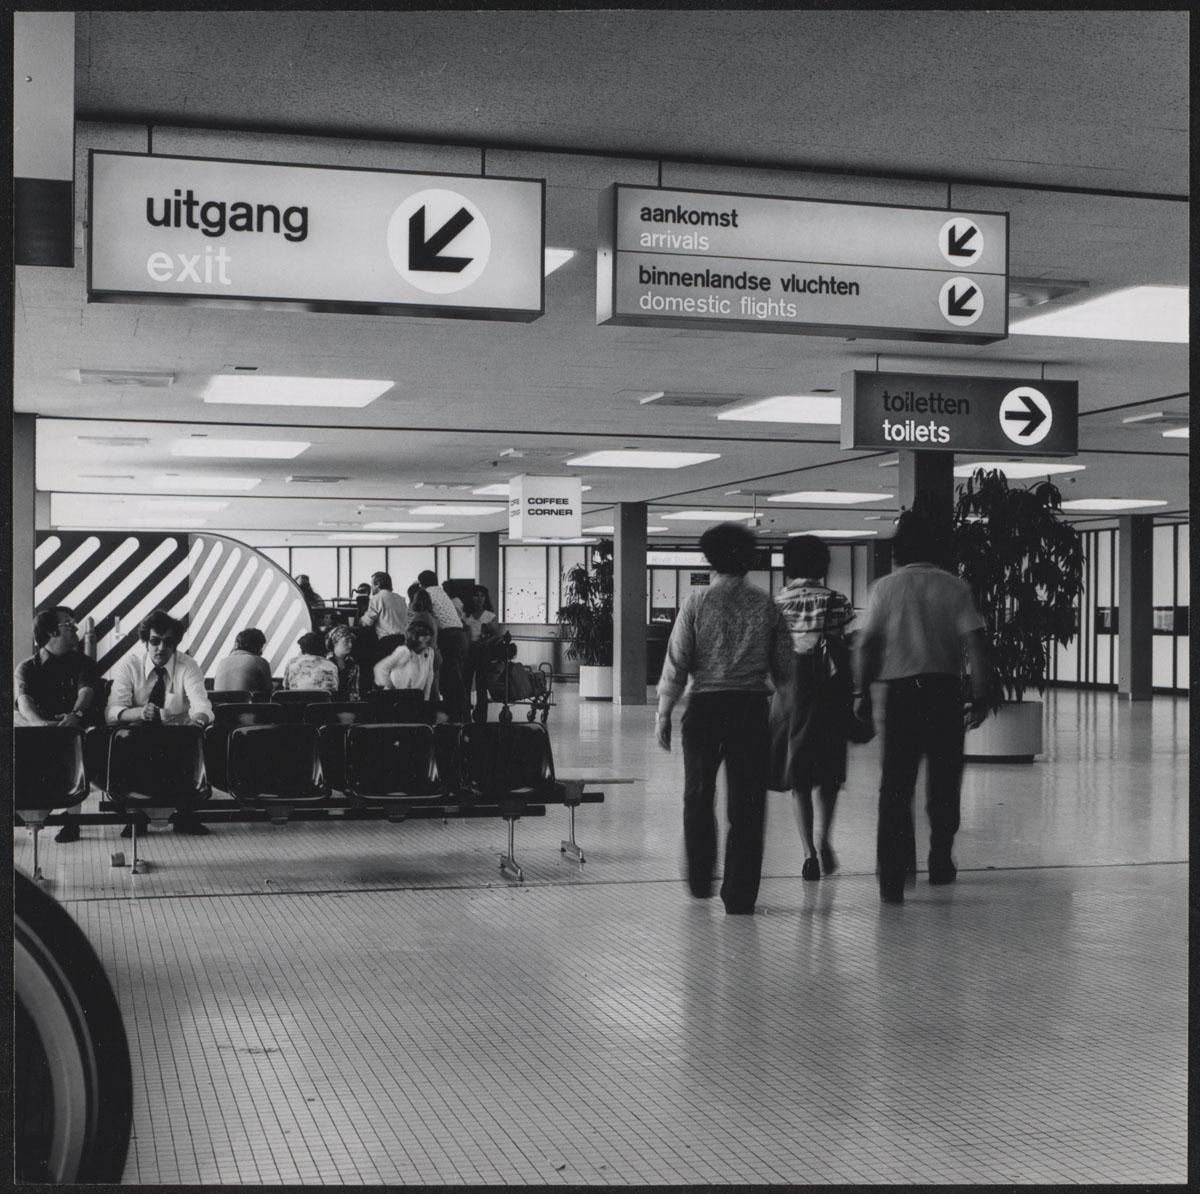 Foto 39 s van bewegwijzering en interieur luchthaven schiphol for Interieur foto s